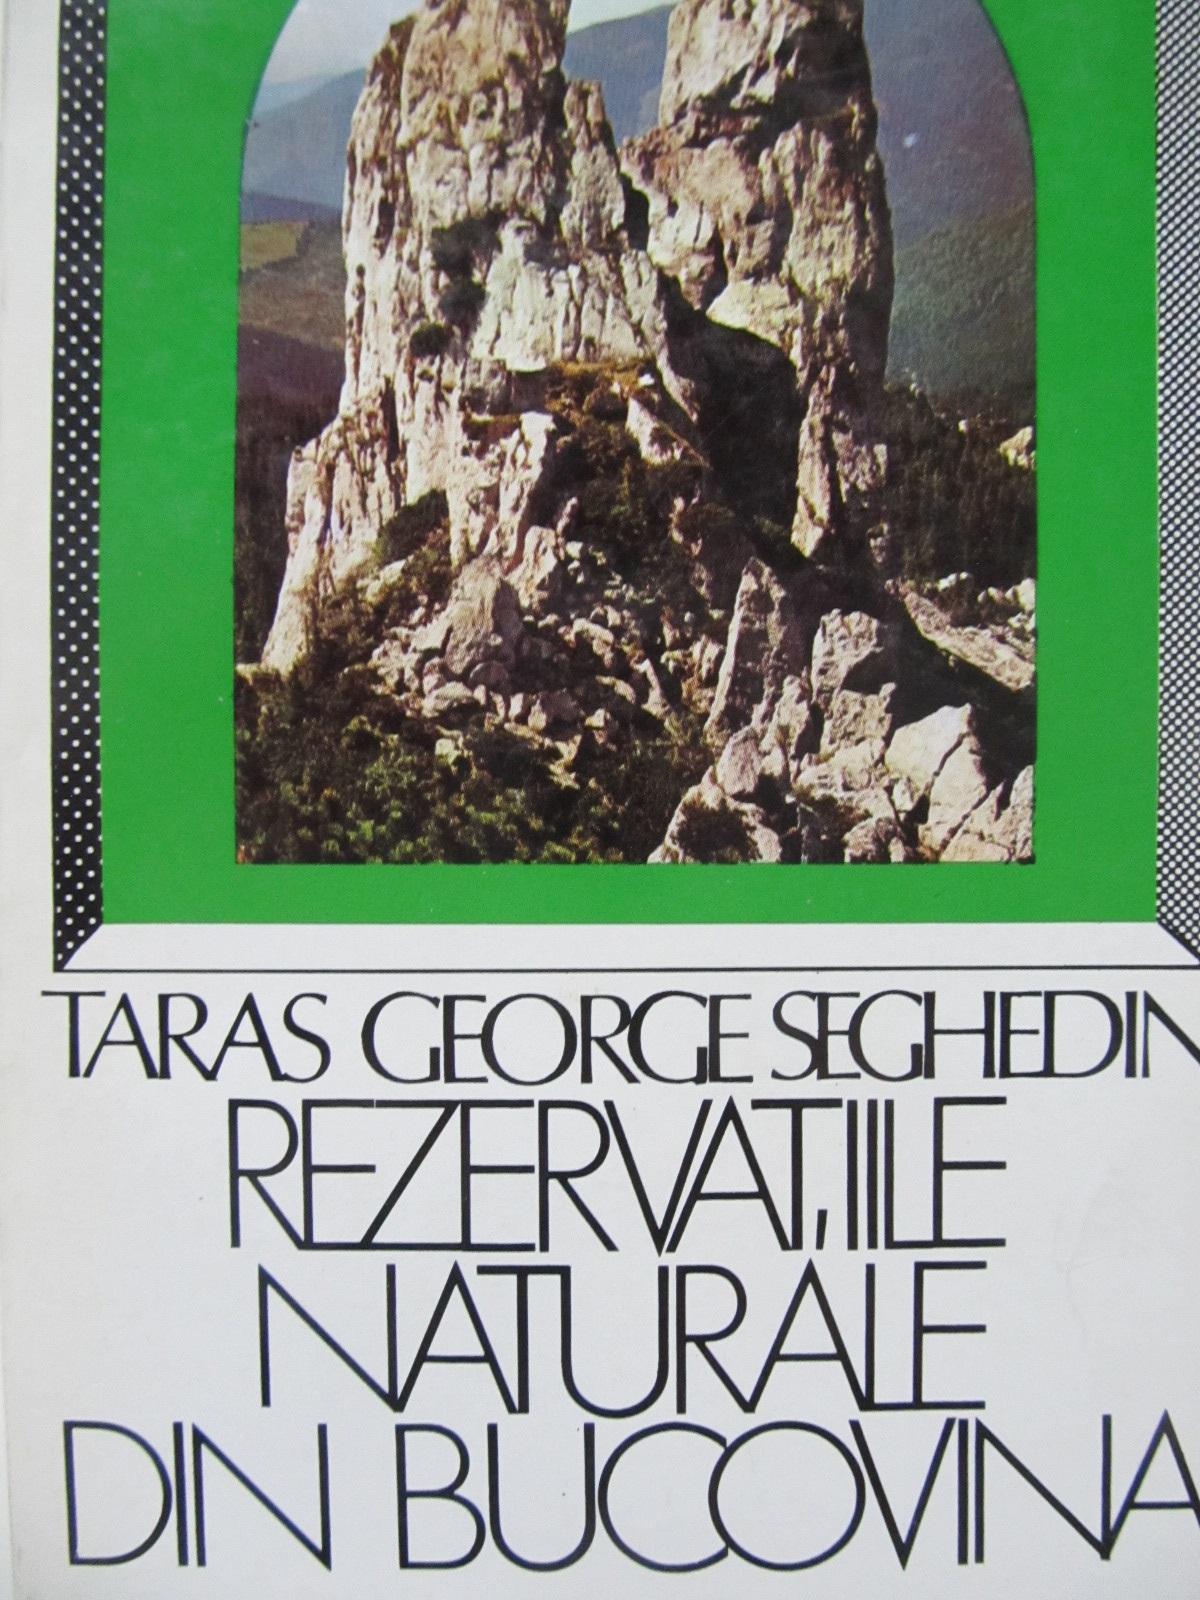 Carte Rezervatiile naturale din Bucovina (cu harta) - Taras George Seghedin